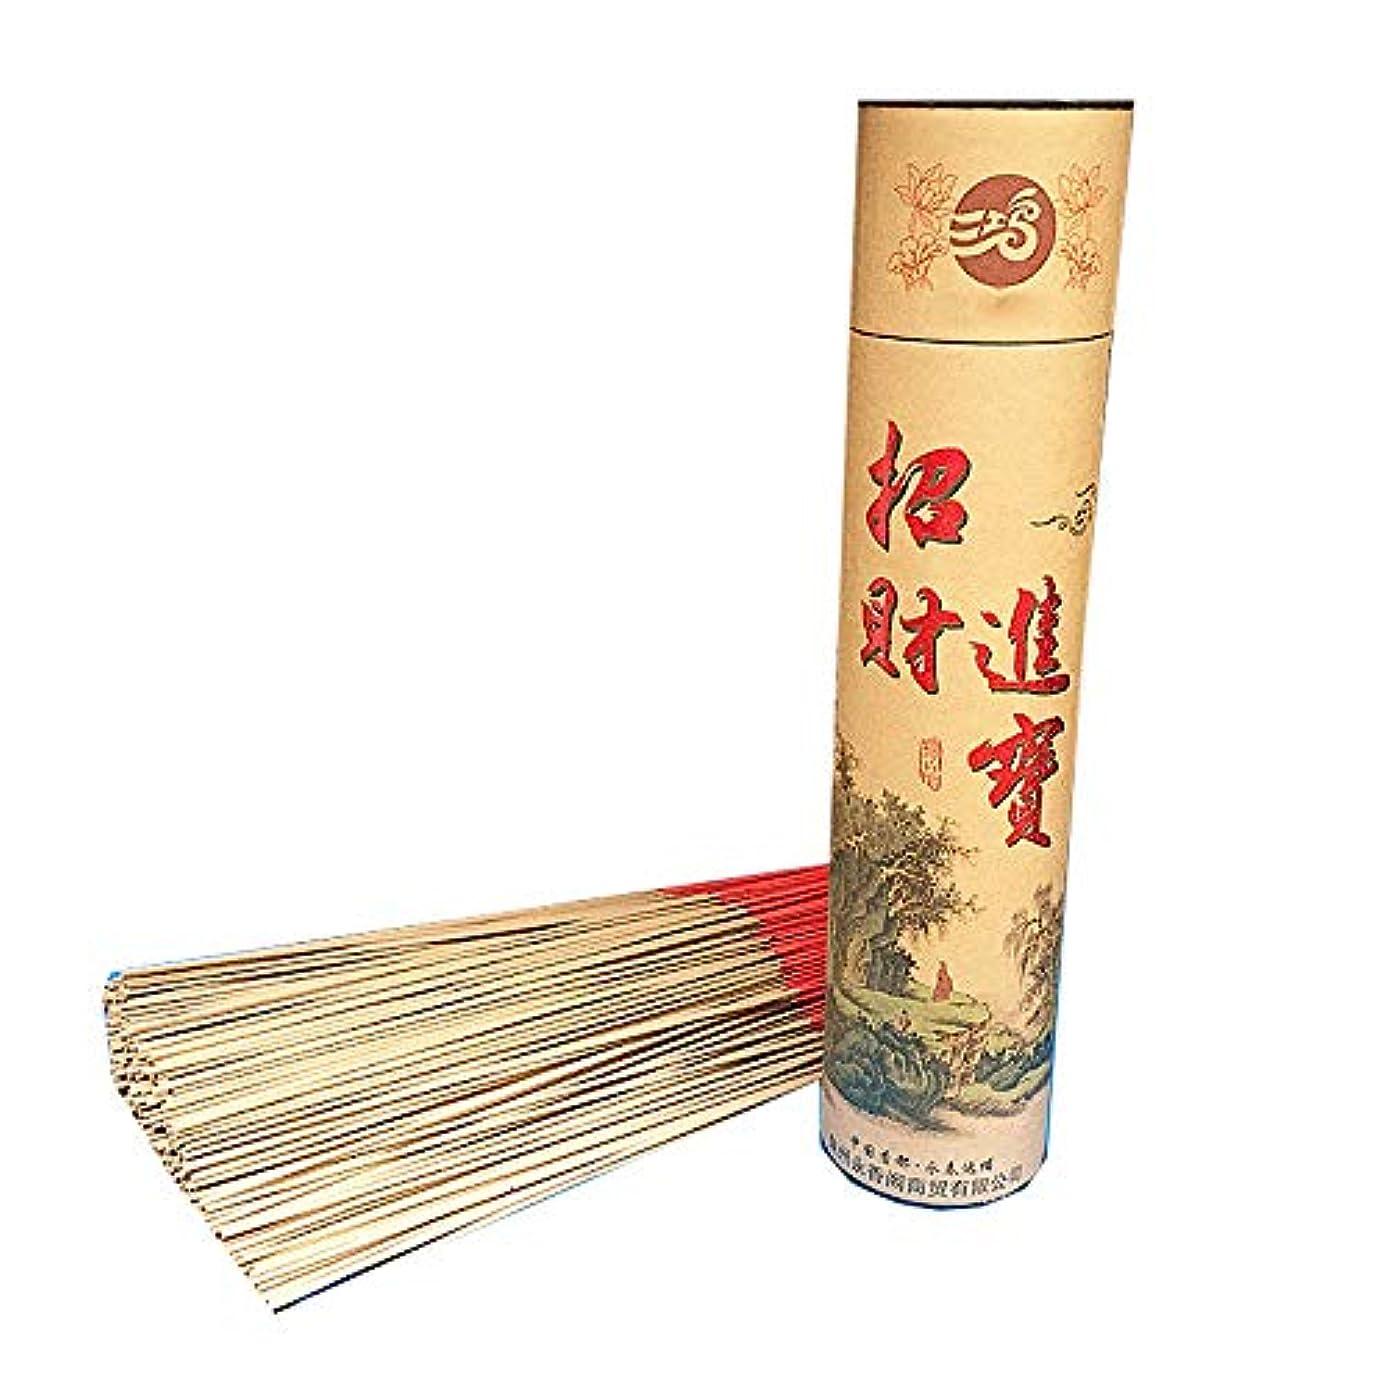 一定レタッチ条件付きZeeStar チャイニーズジョススティック 無香 香料 香りなし 香りつき 香りつき ジョススティック 13インチ(480本)